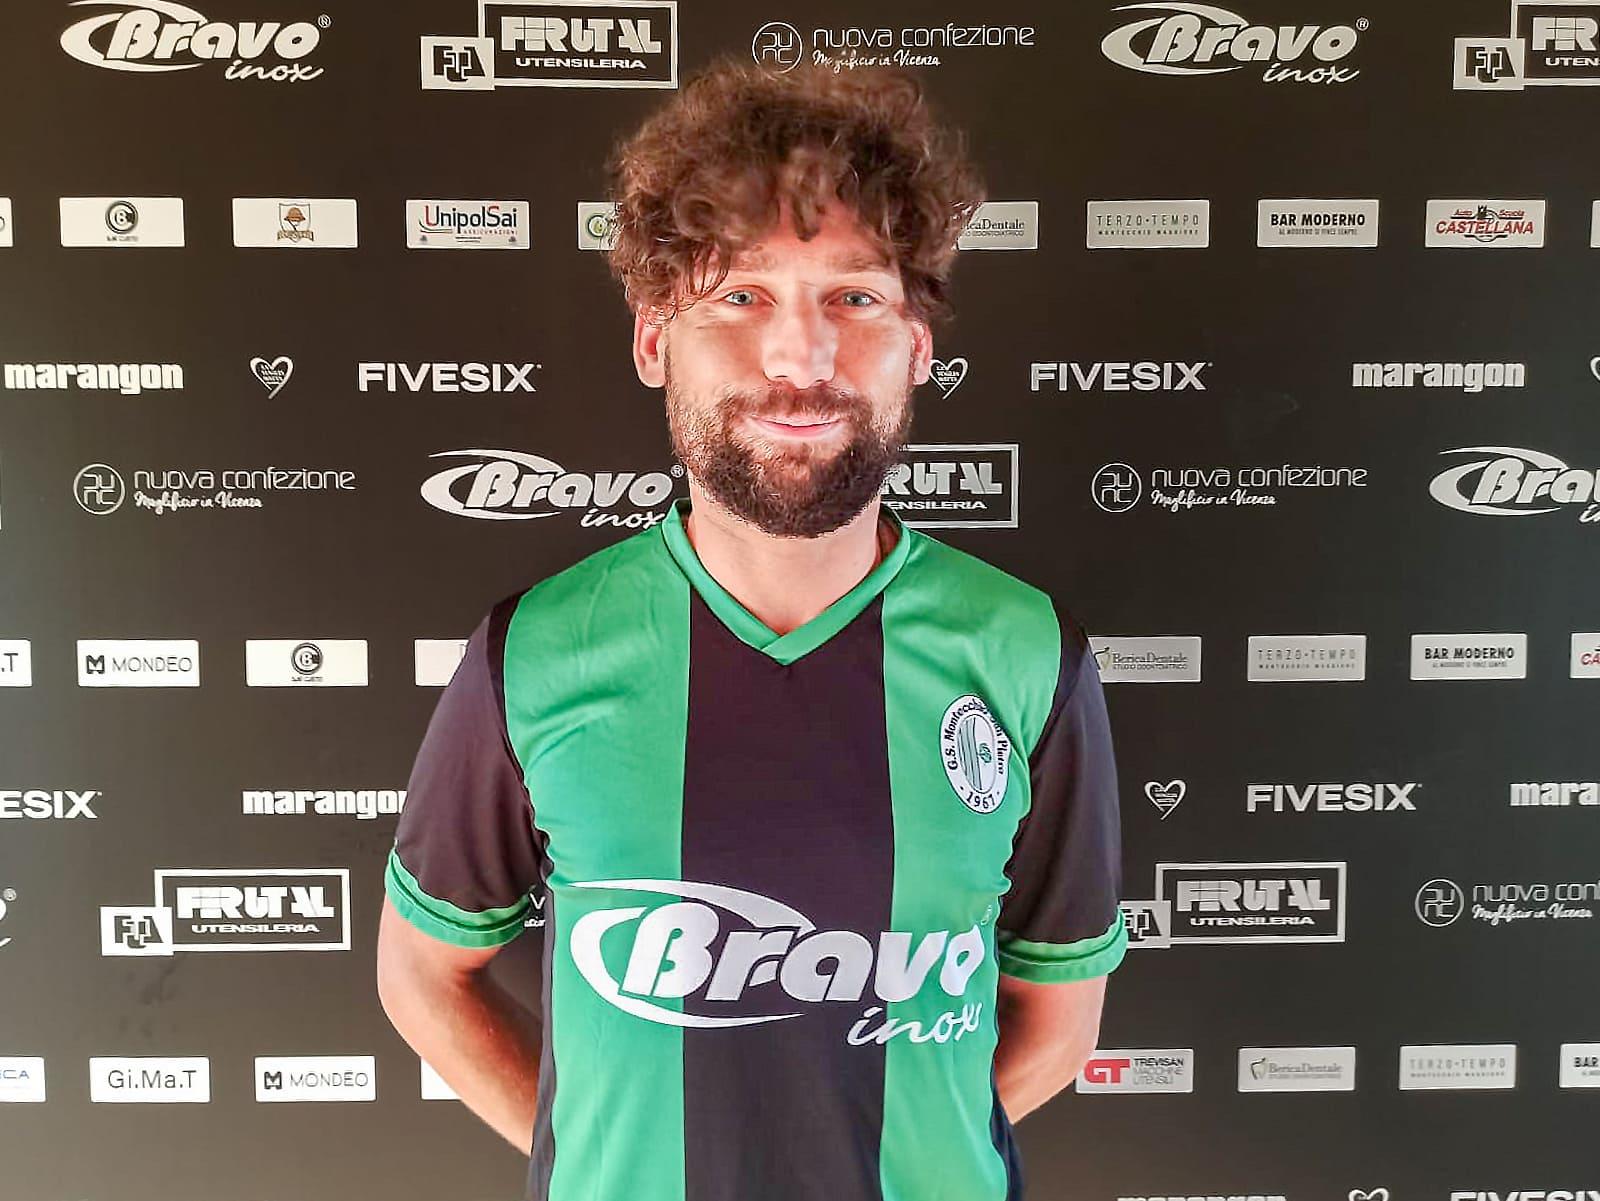 Benvenuto Nicolas Signorin!